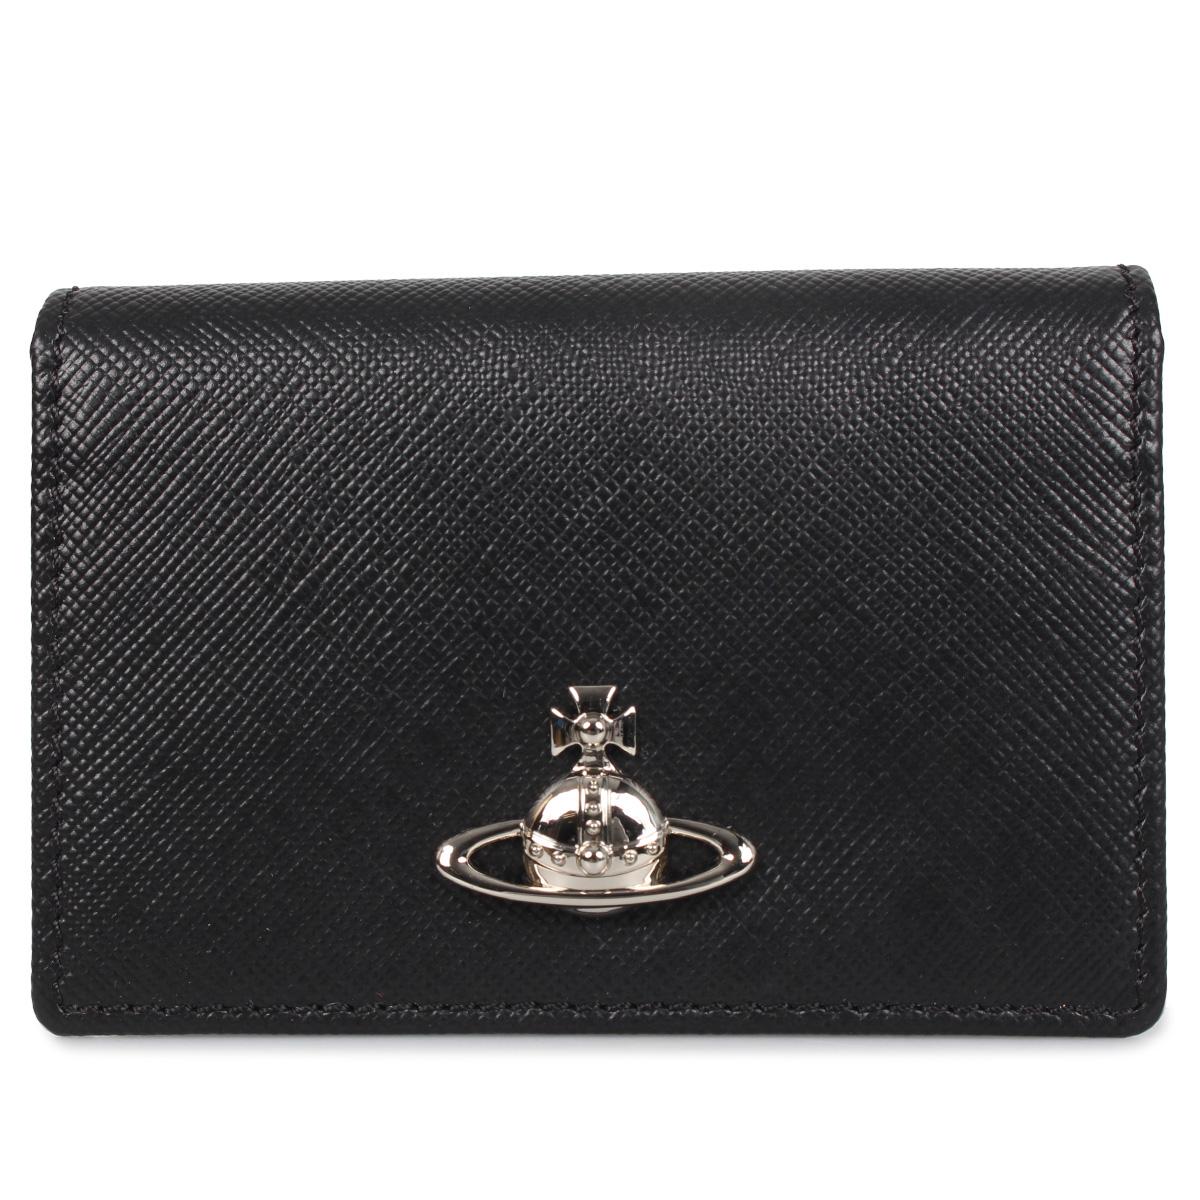 Vivienne Westwood BALMORAL CARD HOLDER ヴィヴィアンウエストウッド パスケース カードケース ID 定期入れ メンズ レディース ブラック 黒 51110015 [3/12 新入荷]